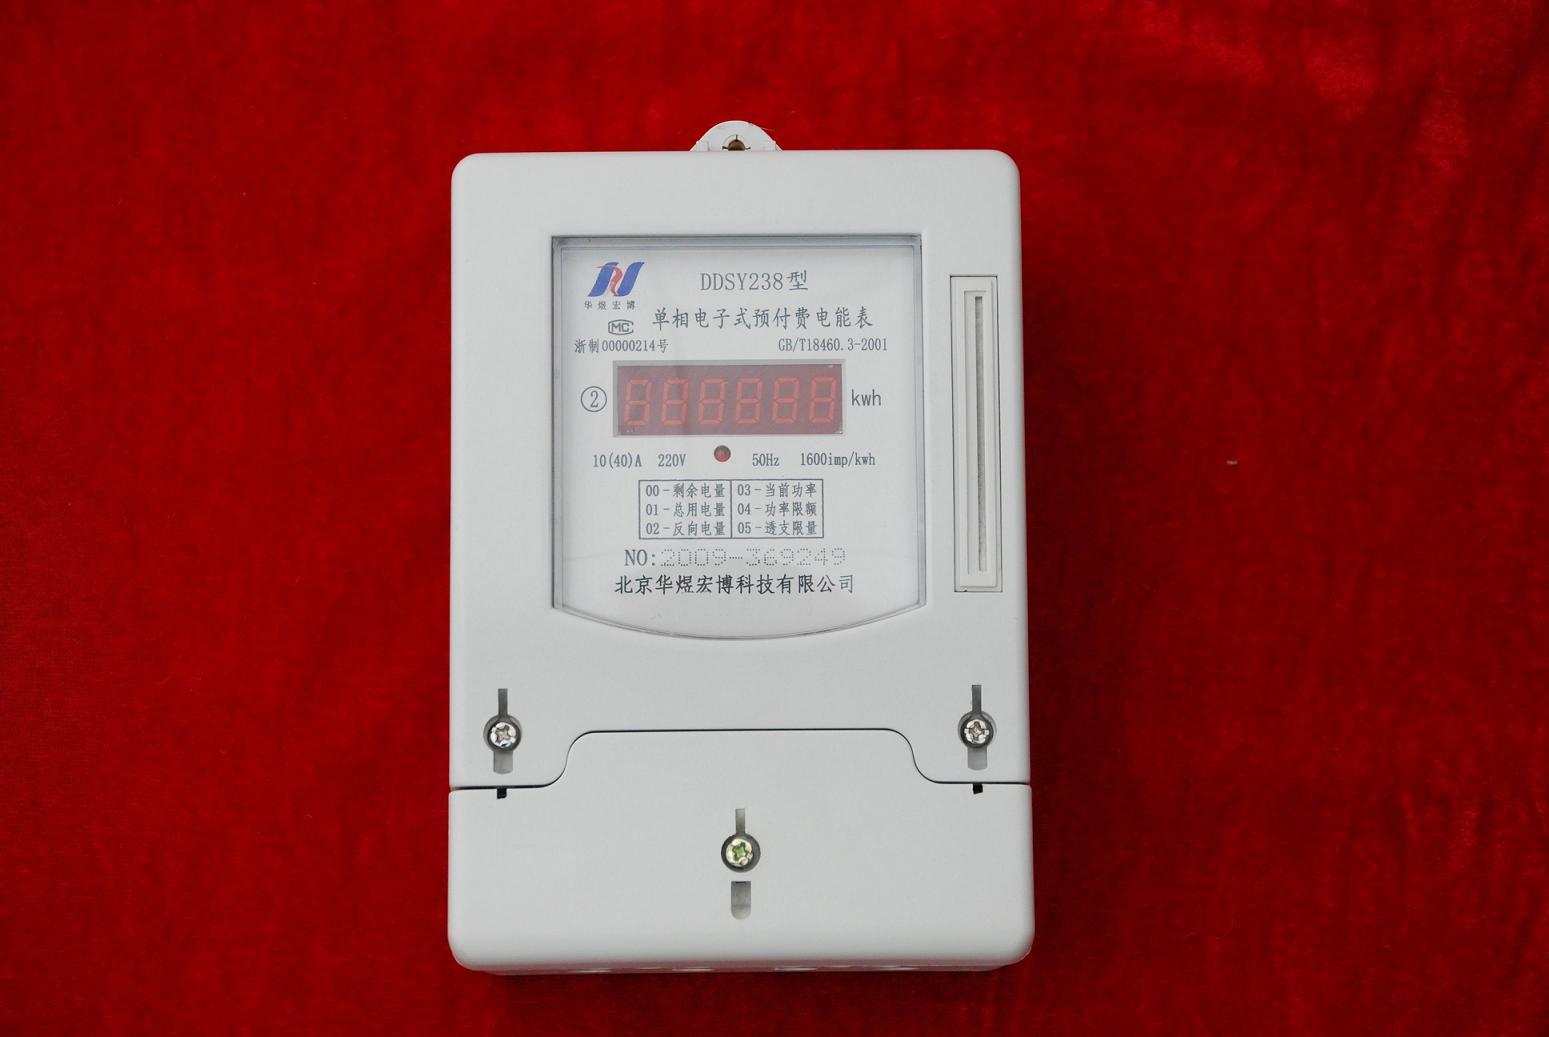 产品简介 单相导轨式电表系我公司采用微电子技术与进口专用大规模集成电路,应用数字采样处理技术及SMT工艺等先进技术研制开发的新型单相全电子式电能表。该表性能完全符合GB/T17215-2002国家标准和IEC62053-21(IEC61036)国际标准中1或2级单相电能表的相关技术要求,可直接精确地测量额定频率为50Hz或60Hz的单相交流电网中有功电能,由步进式机械计数器显示总用电量;具有可靠性好、体积小、重量轻、外观美观、安装方便等特点。 功能及特点 1、35mm DIN标准导轨安装,符合DIN EN